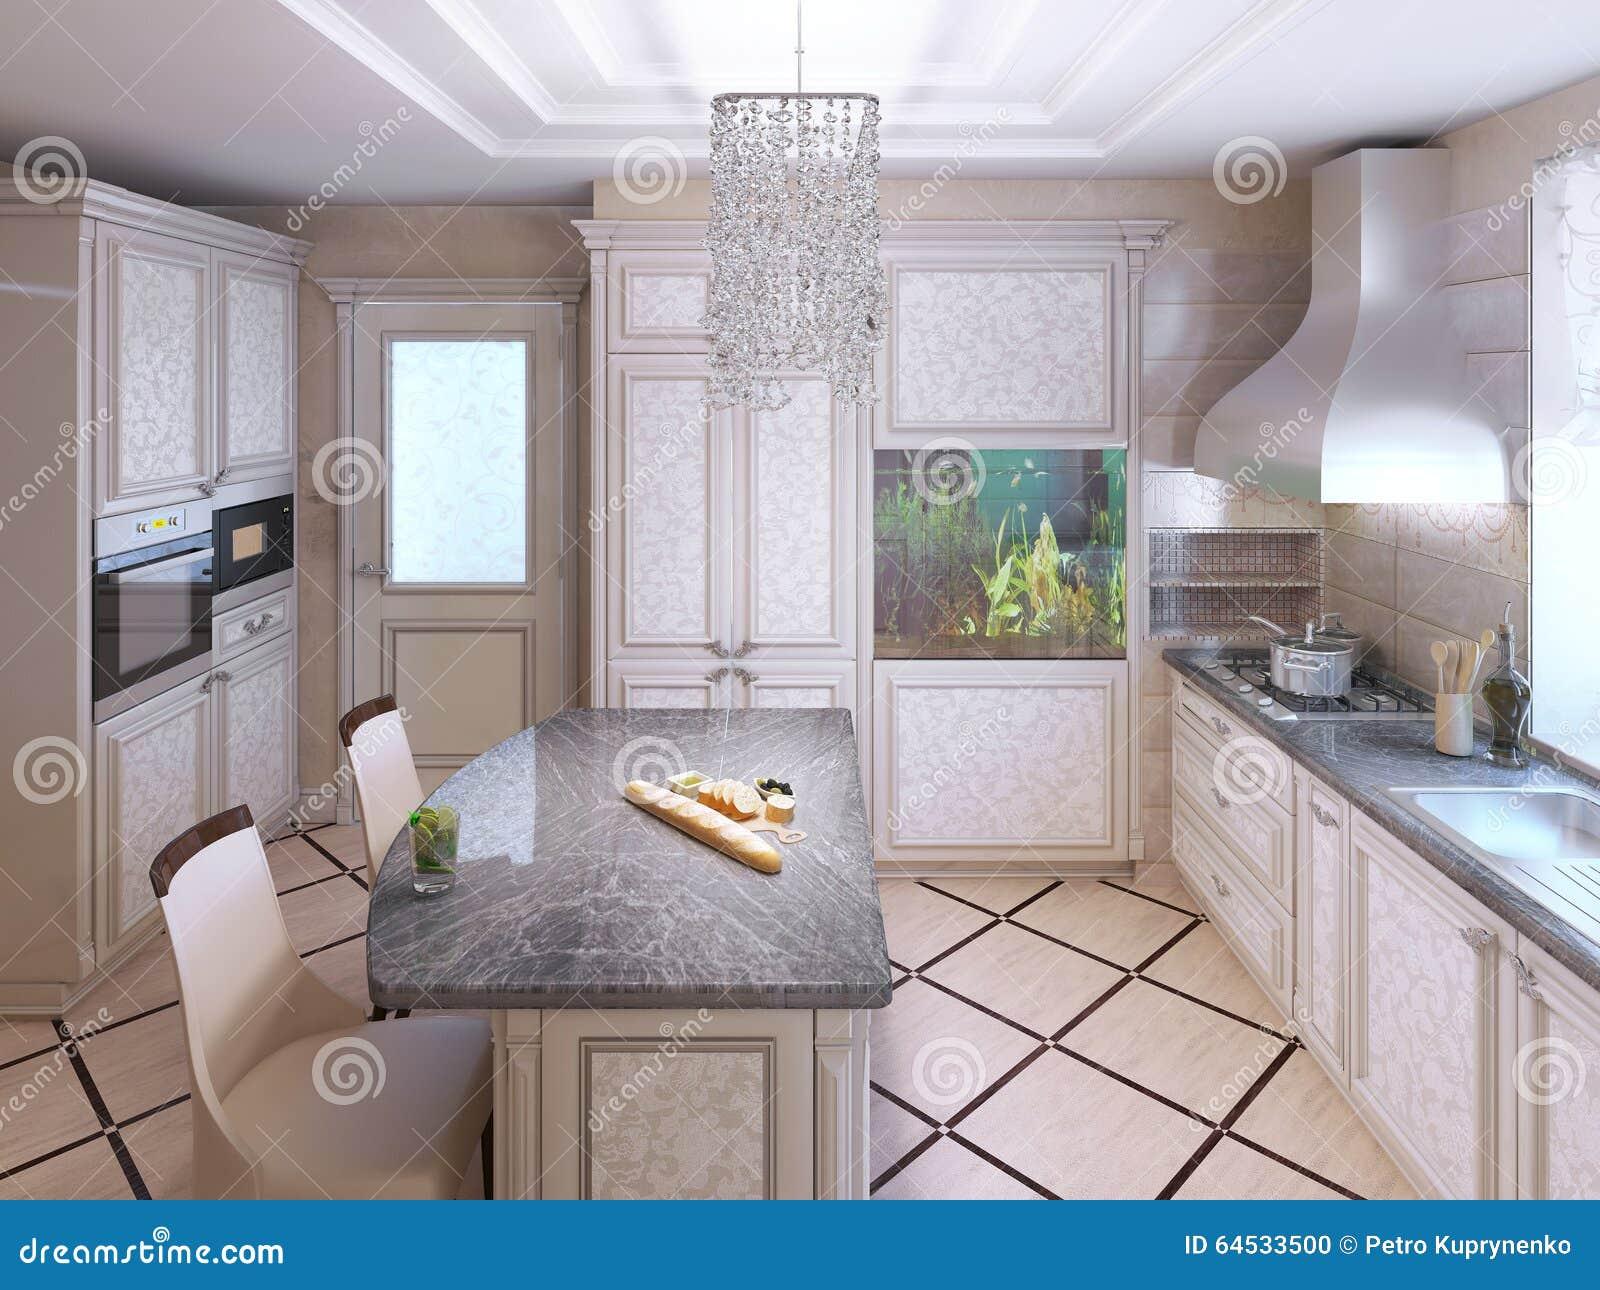 Come Pitturare La Cucina. Latest Interesting Amazing Come With ...